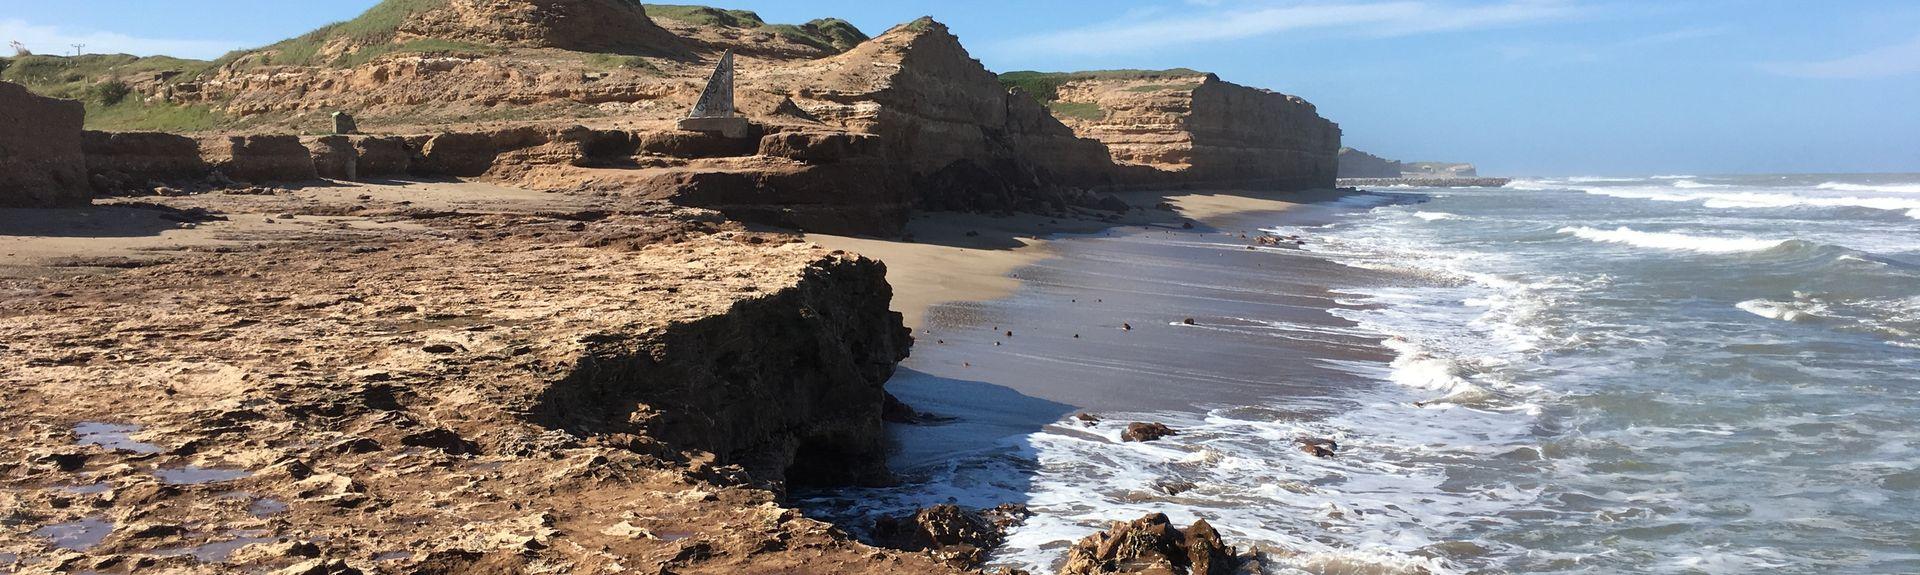 Grande Beach, Mar del Plata, Argentina